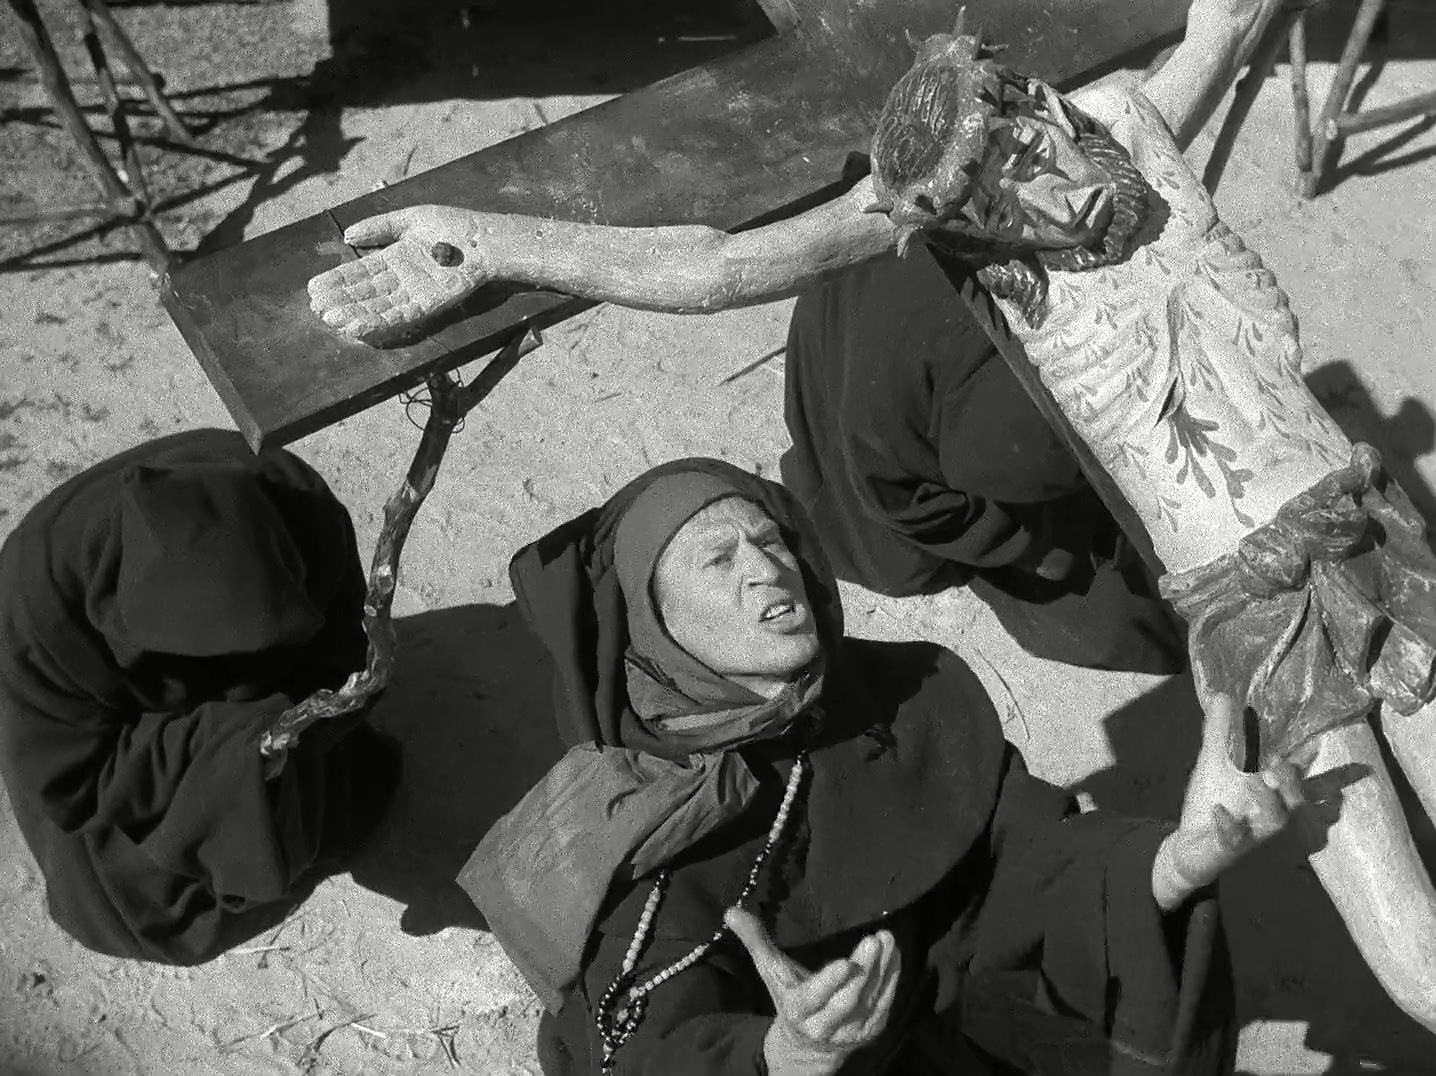 Anders Ek in Det sjunde inseglet (1957)